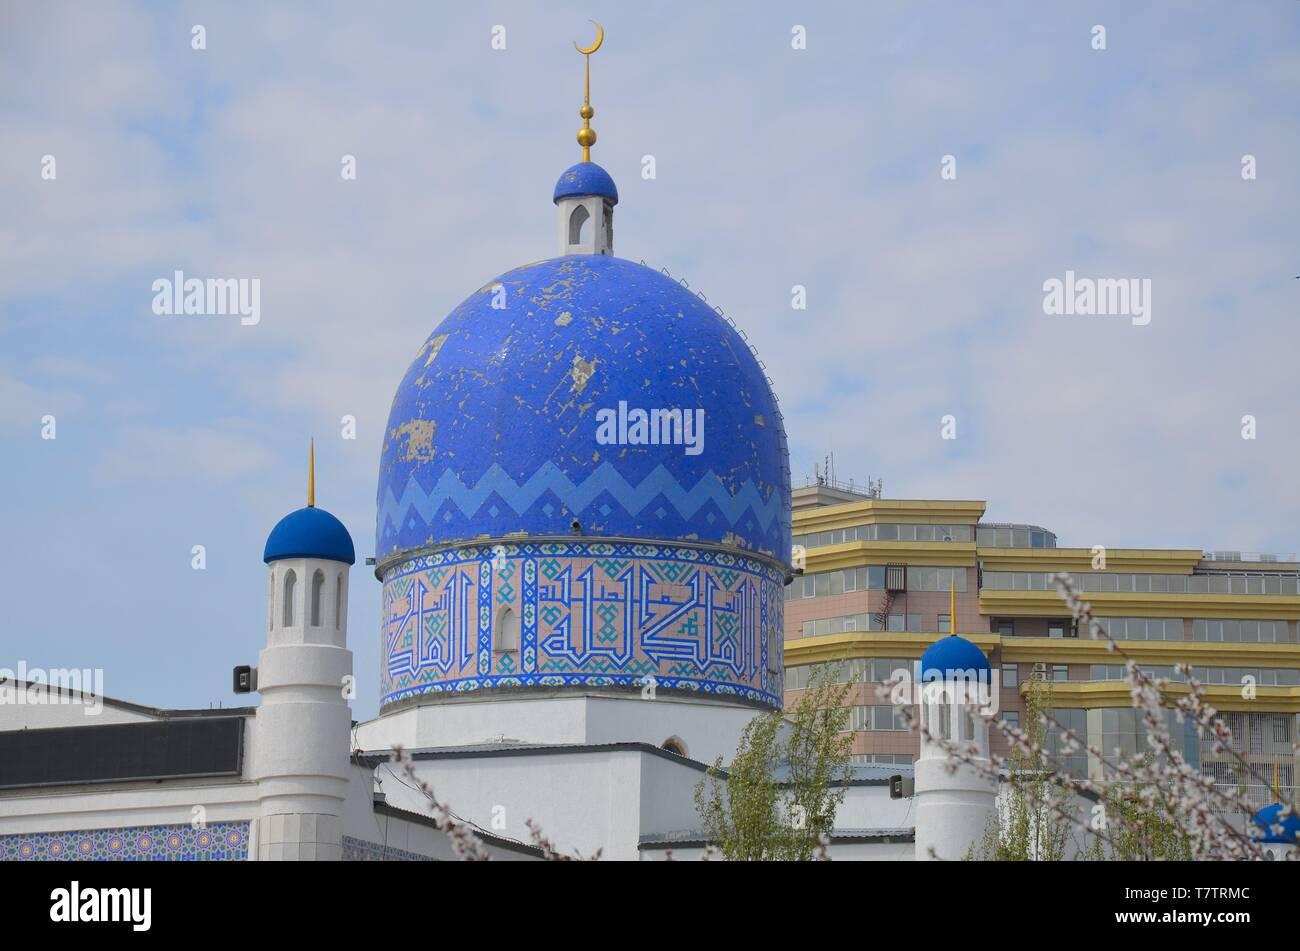 Die Stadt Atyrau in West-Kasachstan, am Ural, der Grenze zwischen Europa und Asien: die zentrale Moschee - Stock Image